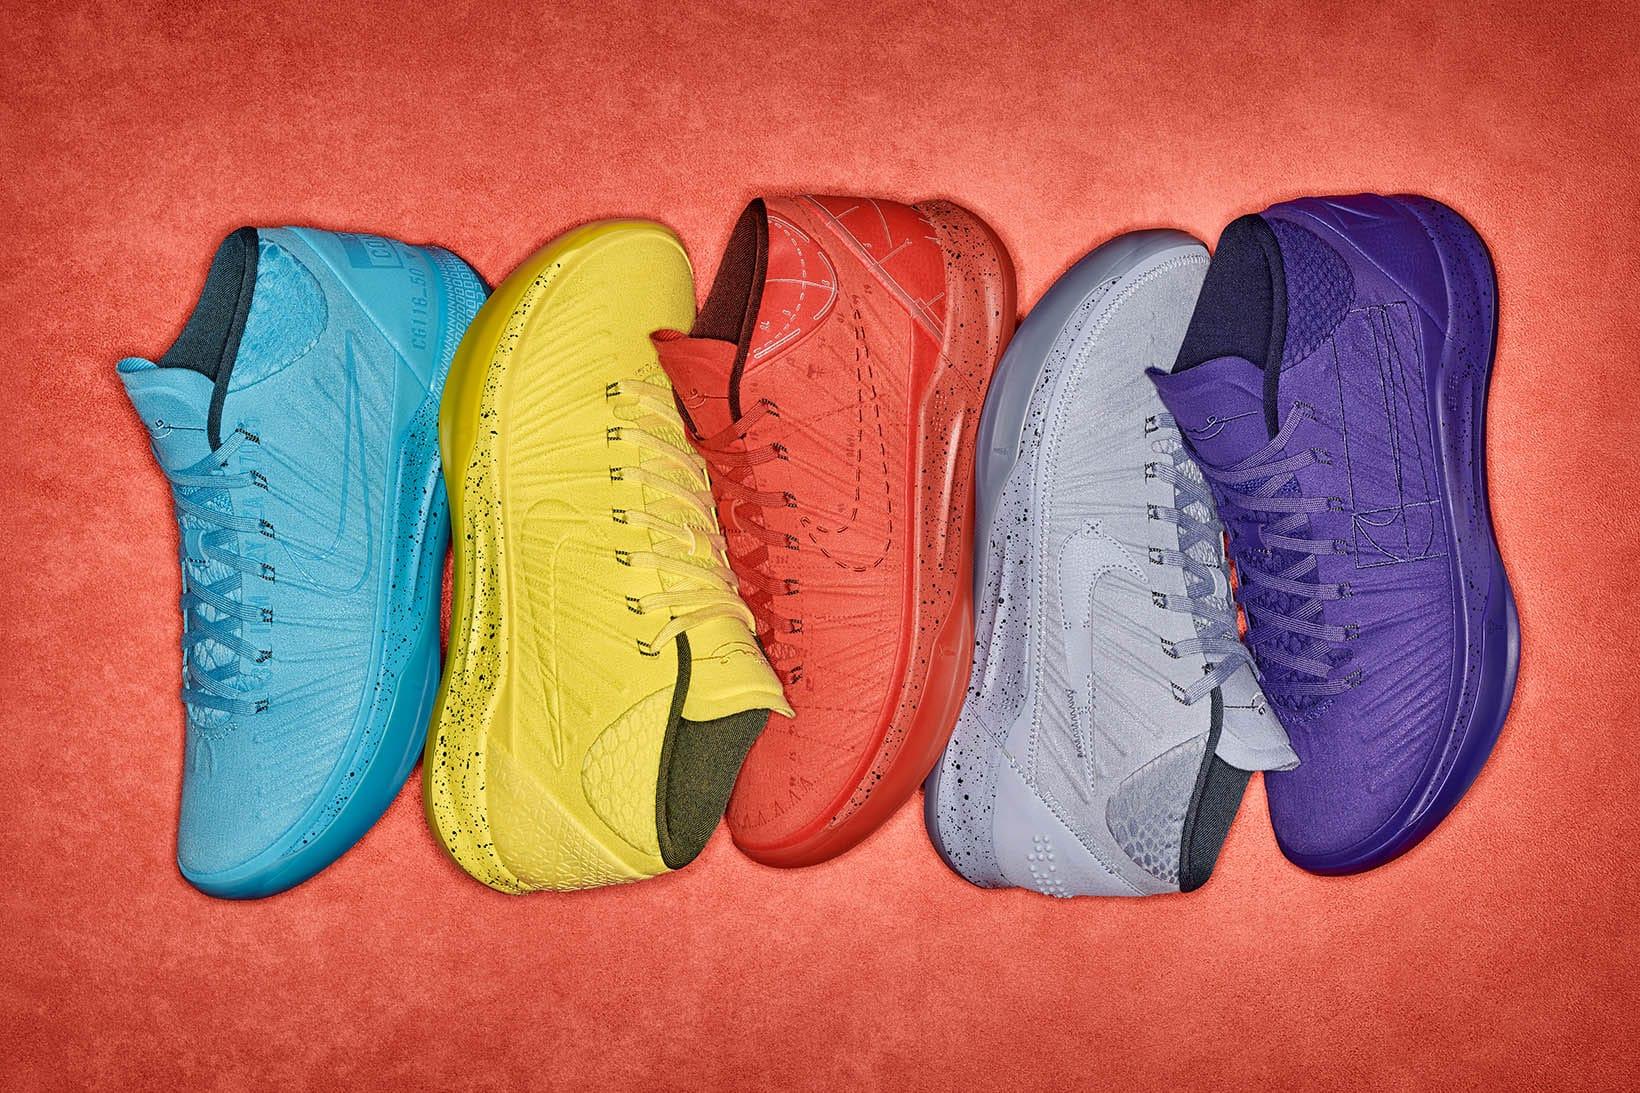 Nike Kobe A.D. Mamba Mentality Pack